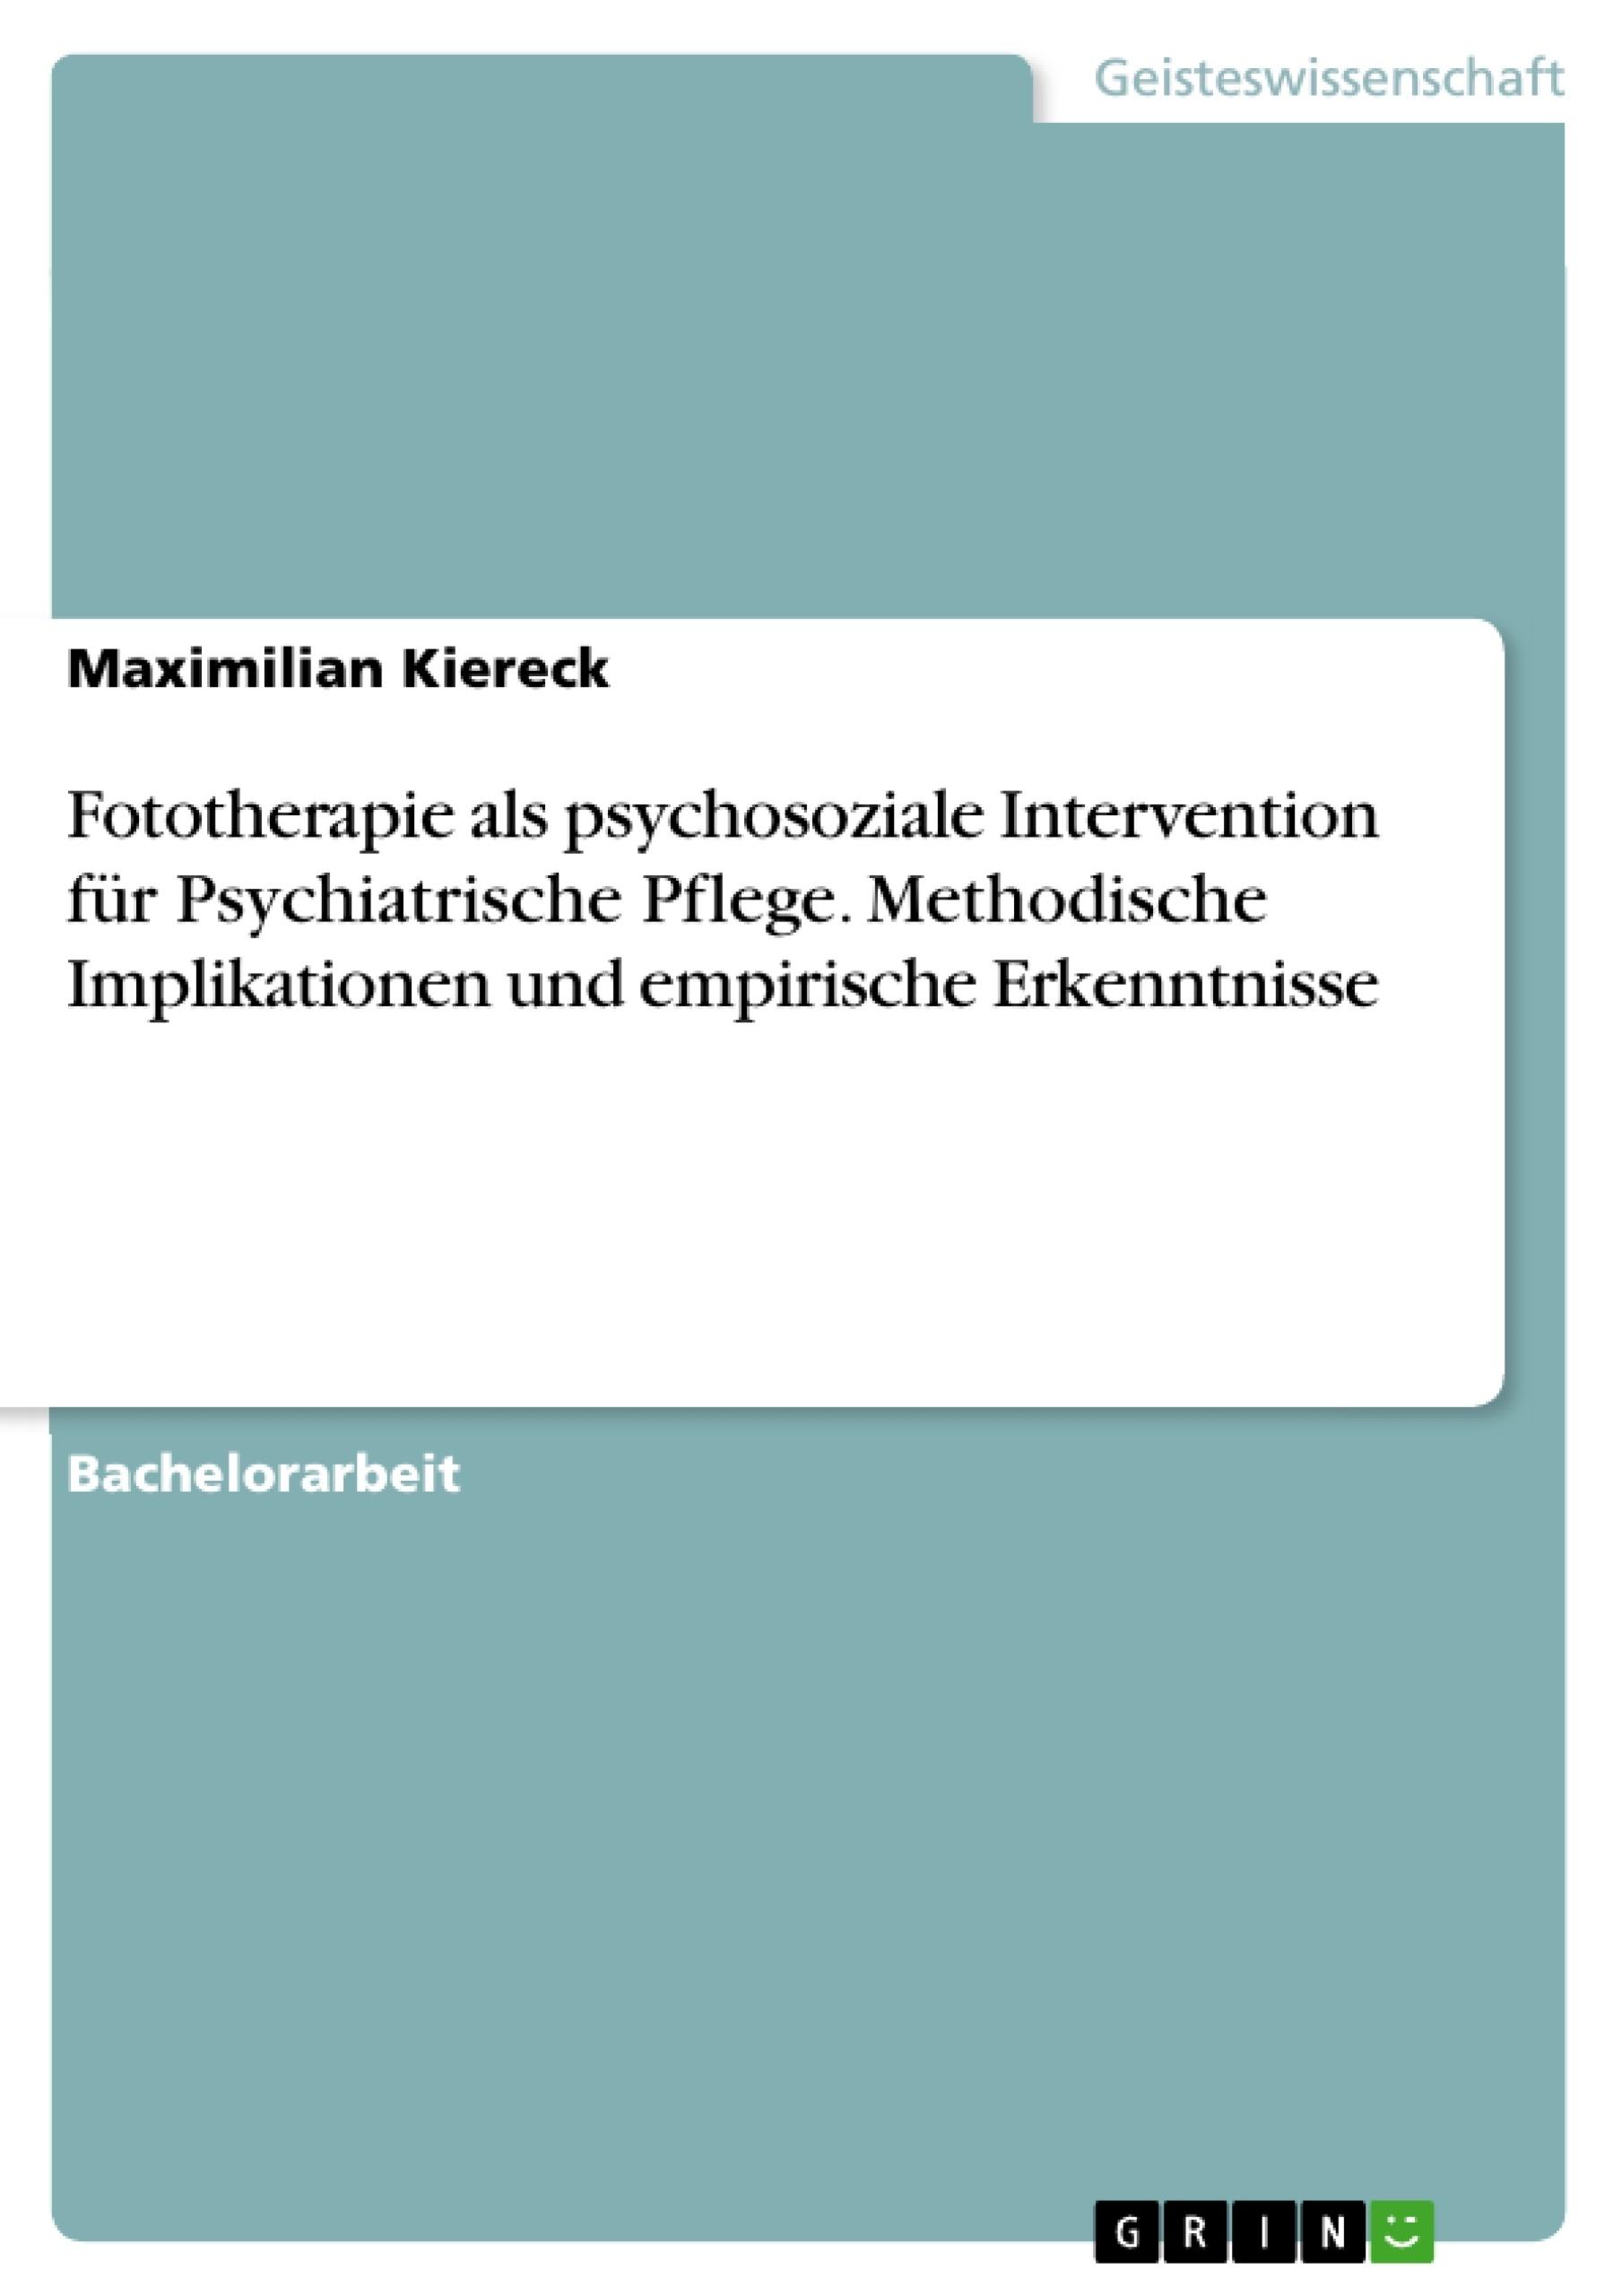 Titel: Fototherapie als psychosoziale Intervention für Psychiatrische Pflege. Methodische Implikationen und empirische Erkenntnisse